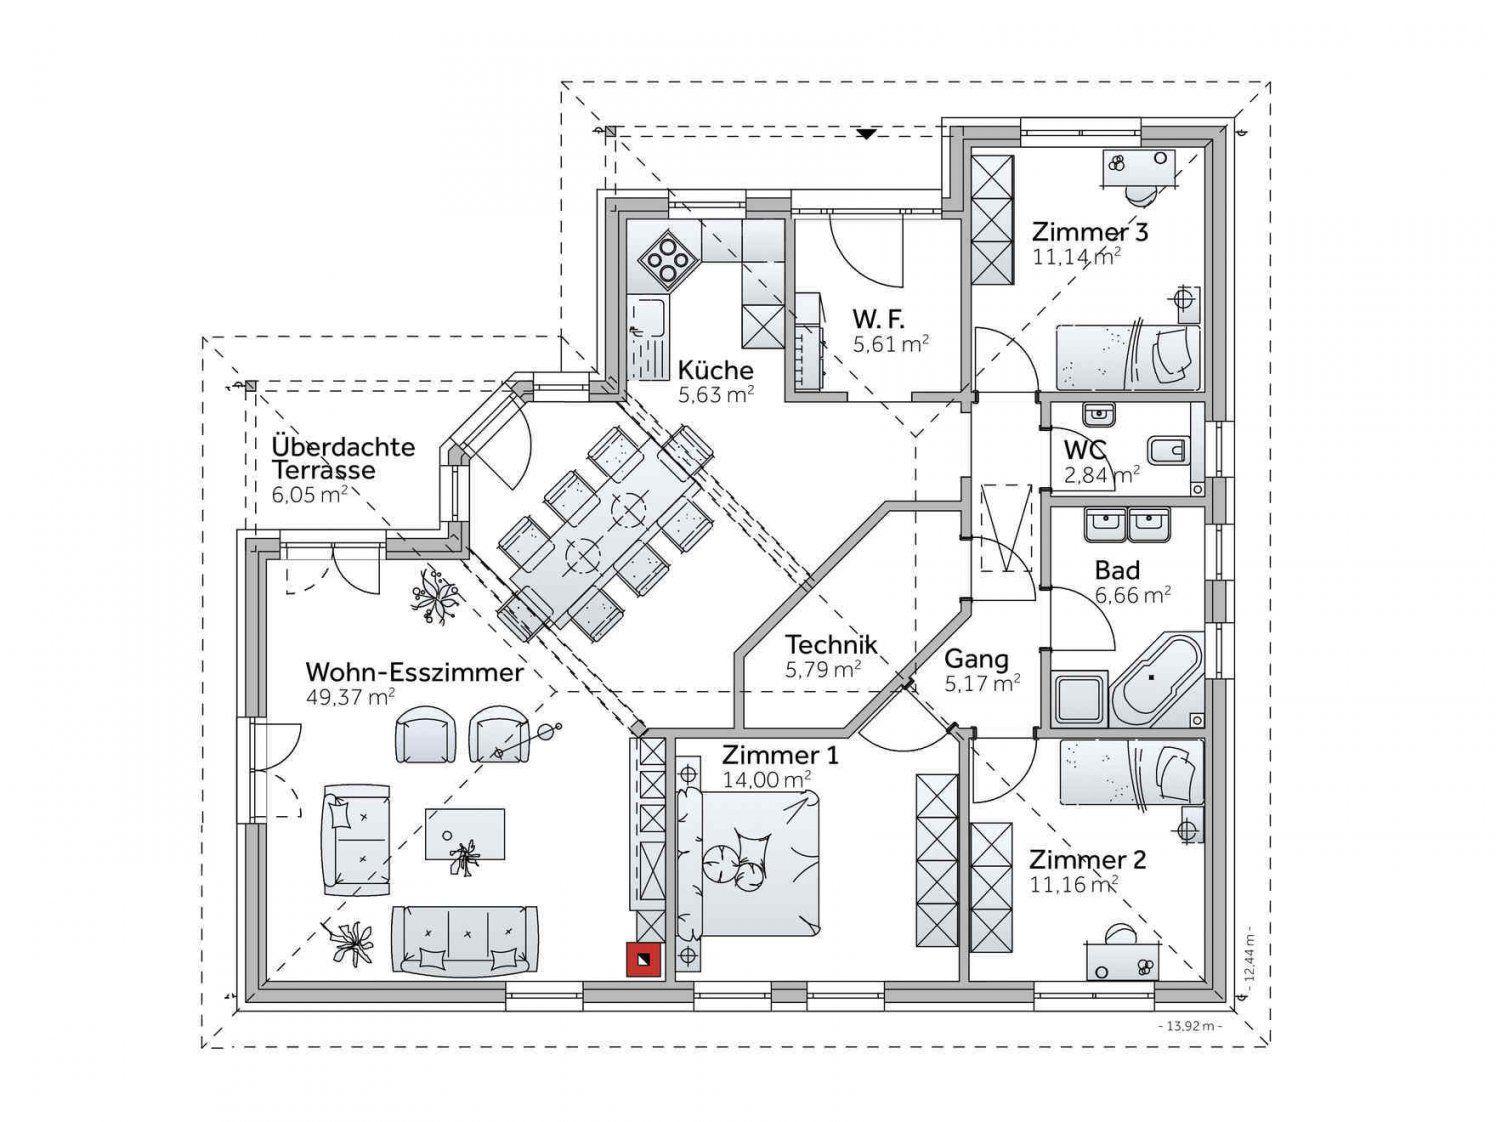 bungalow mit individuellem bungalow grundriss gestalten variohaus von bungalow l form grundriss. Black Bedroom Furniture Sets. Home Design Ideas